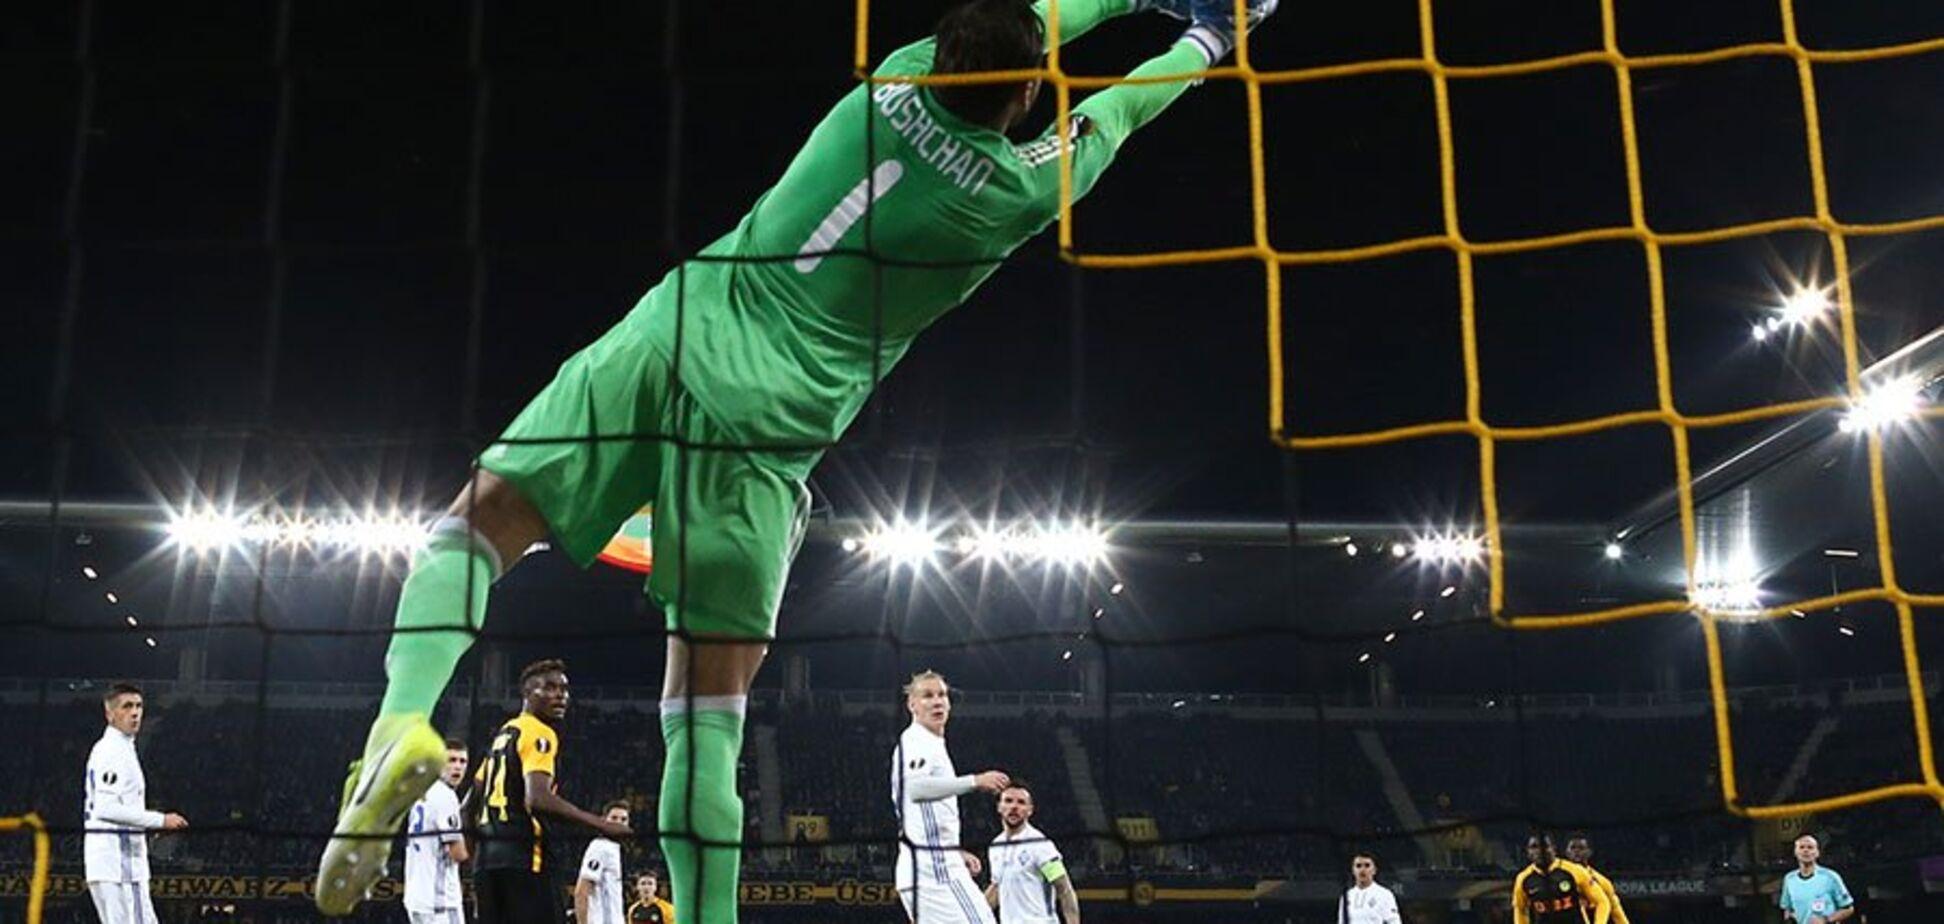 'Здалося': воротар 'Динамо' пояснив дикий конфуз під час матчу з 'Янг Бойз'